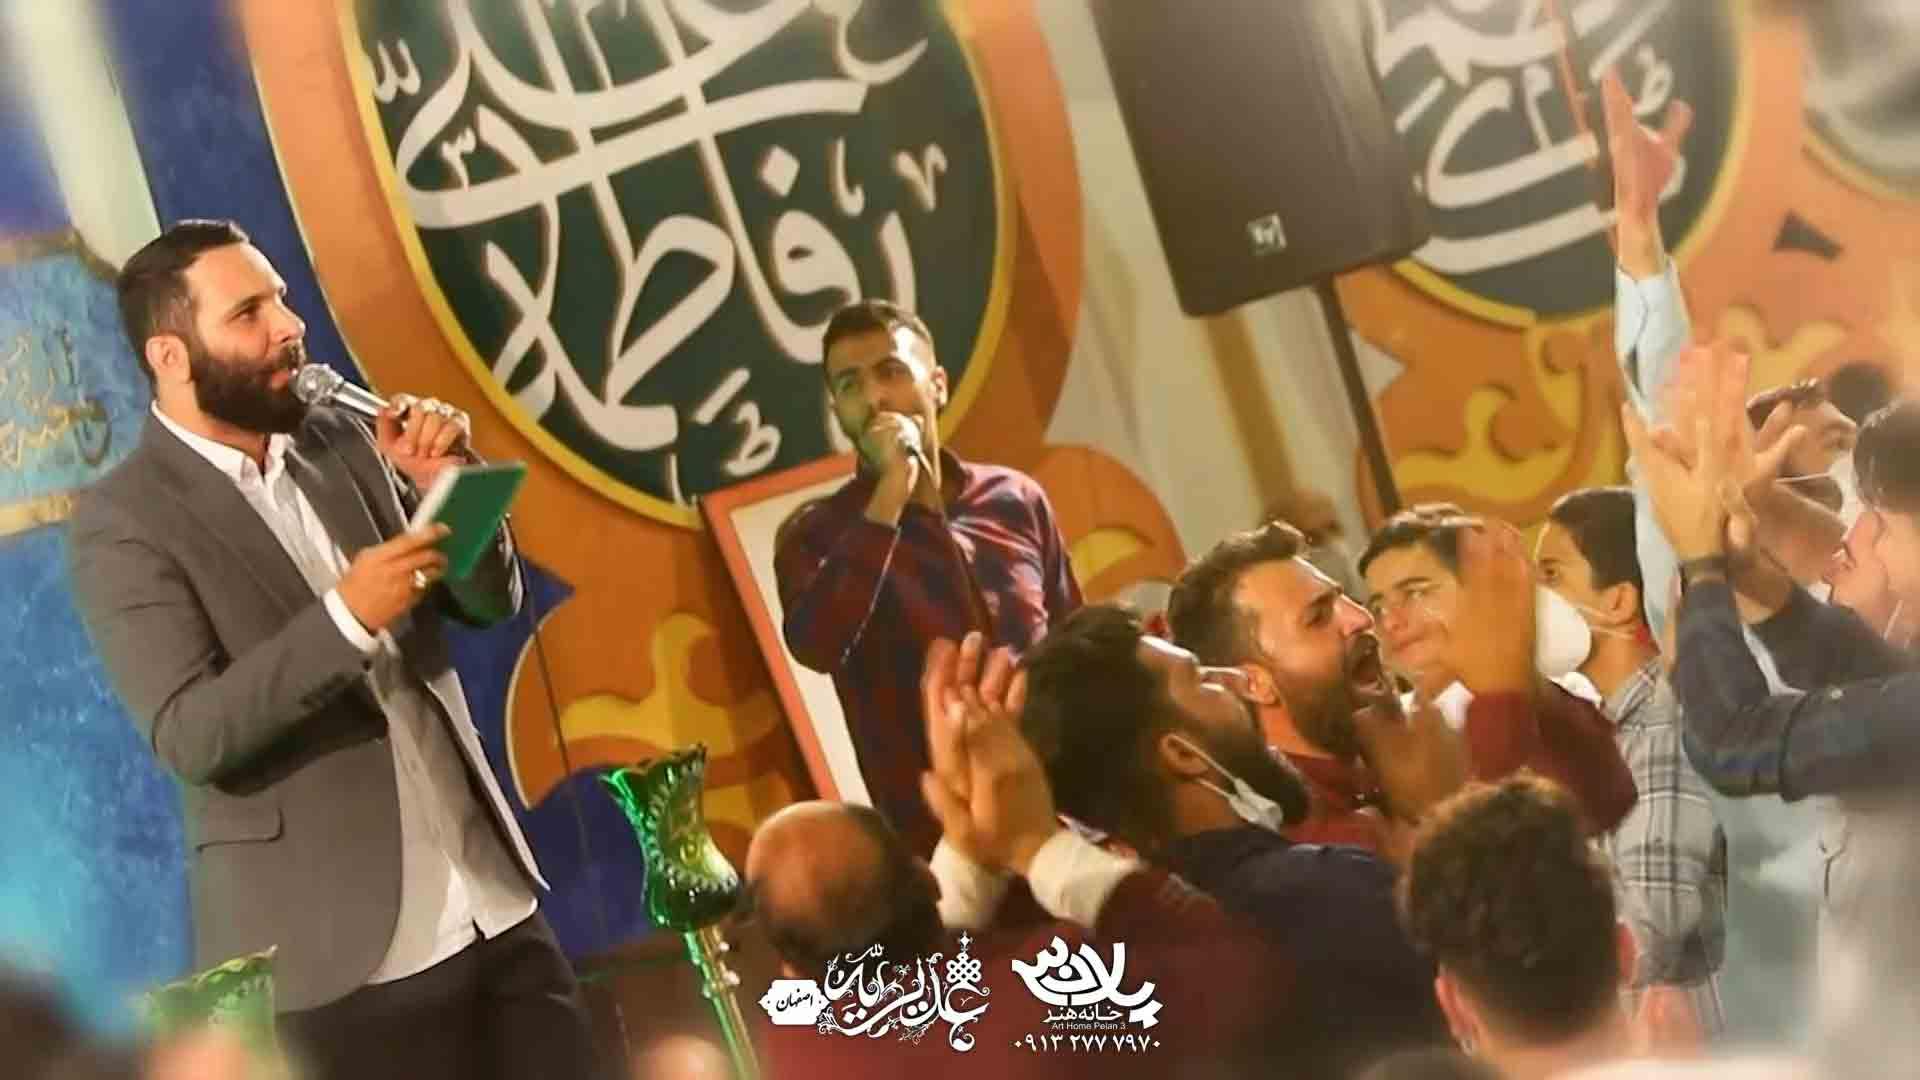 به نام علی محمدحسین حدادیان